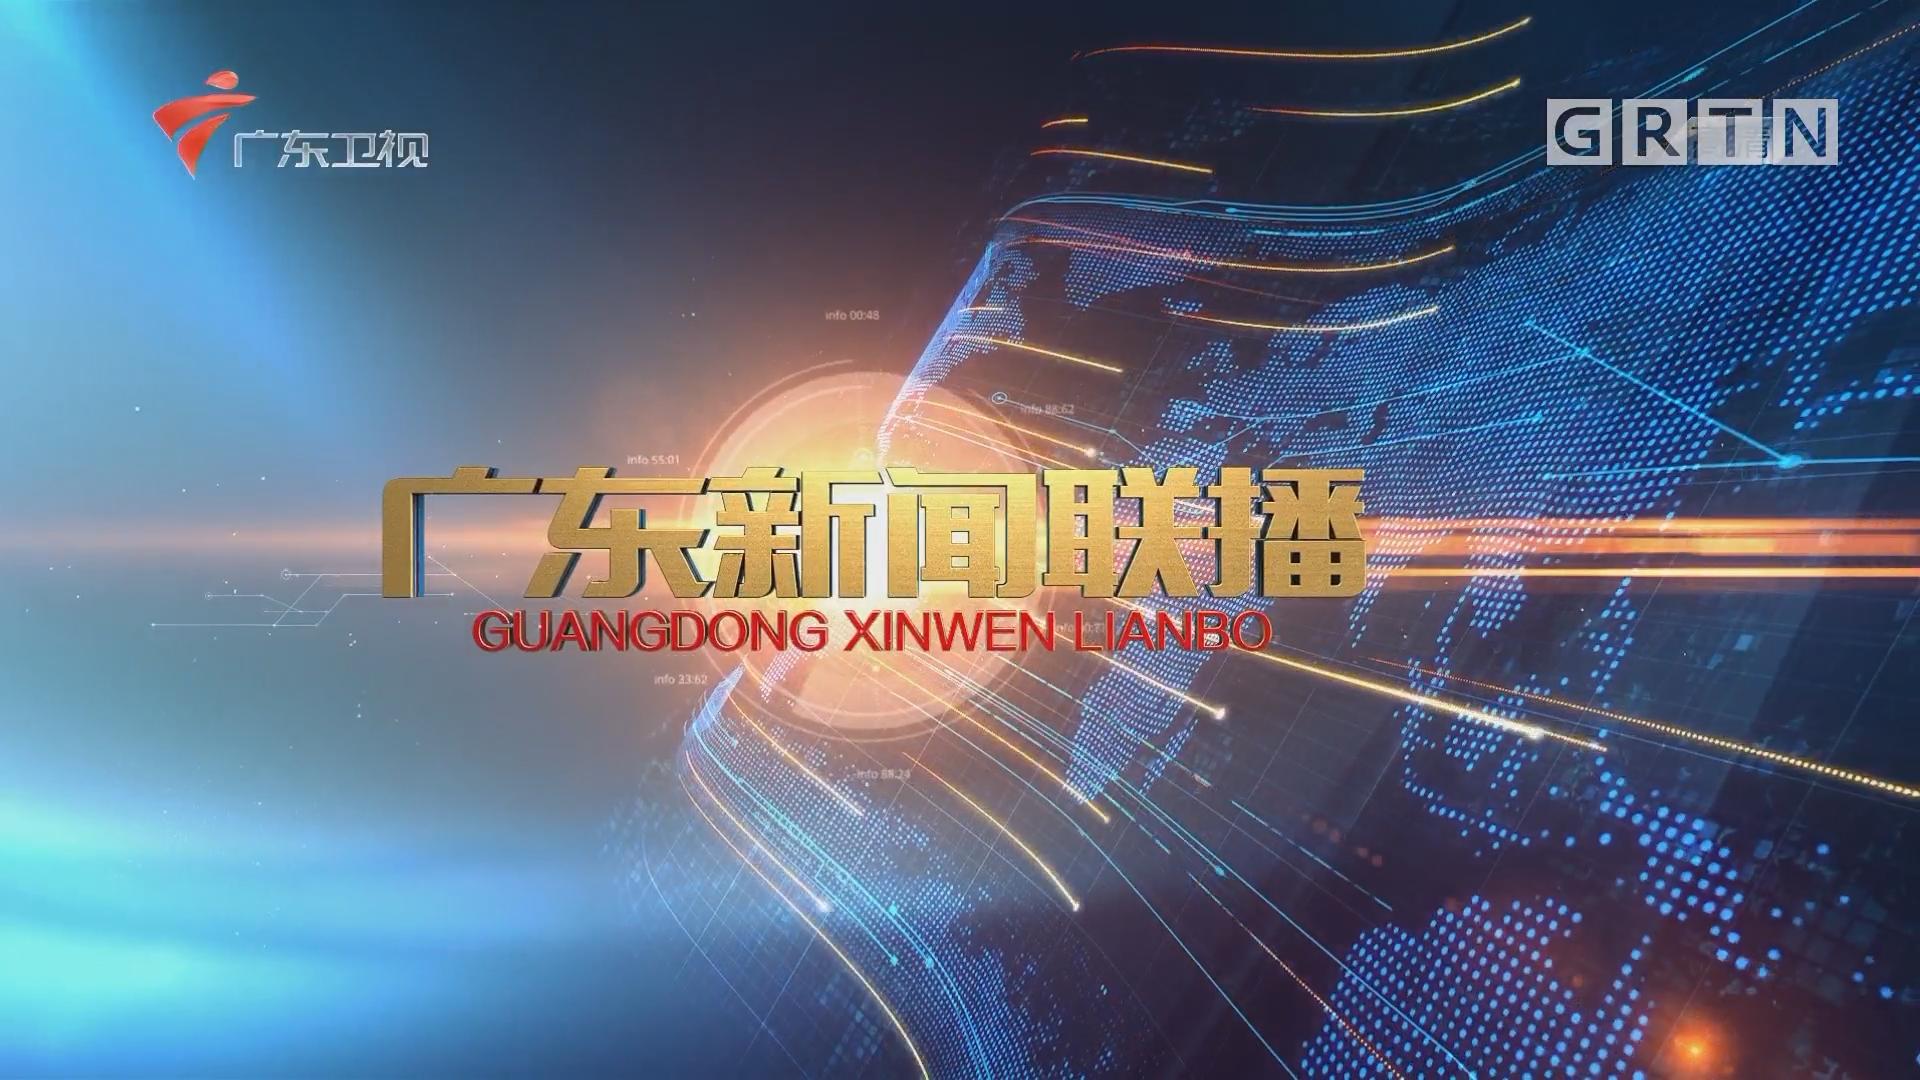 [HD][2018-12-12]广东新闻联播:深圳:深入实施创新驱动发展战略 打造高质量发展先行示范区